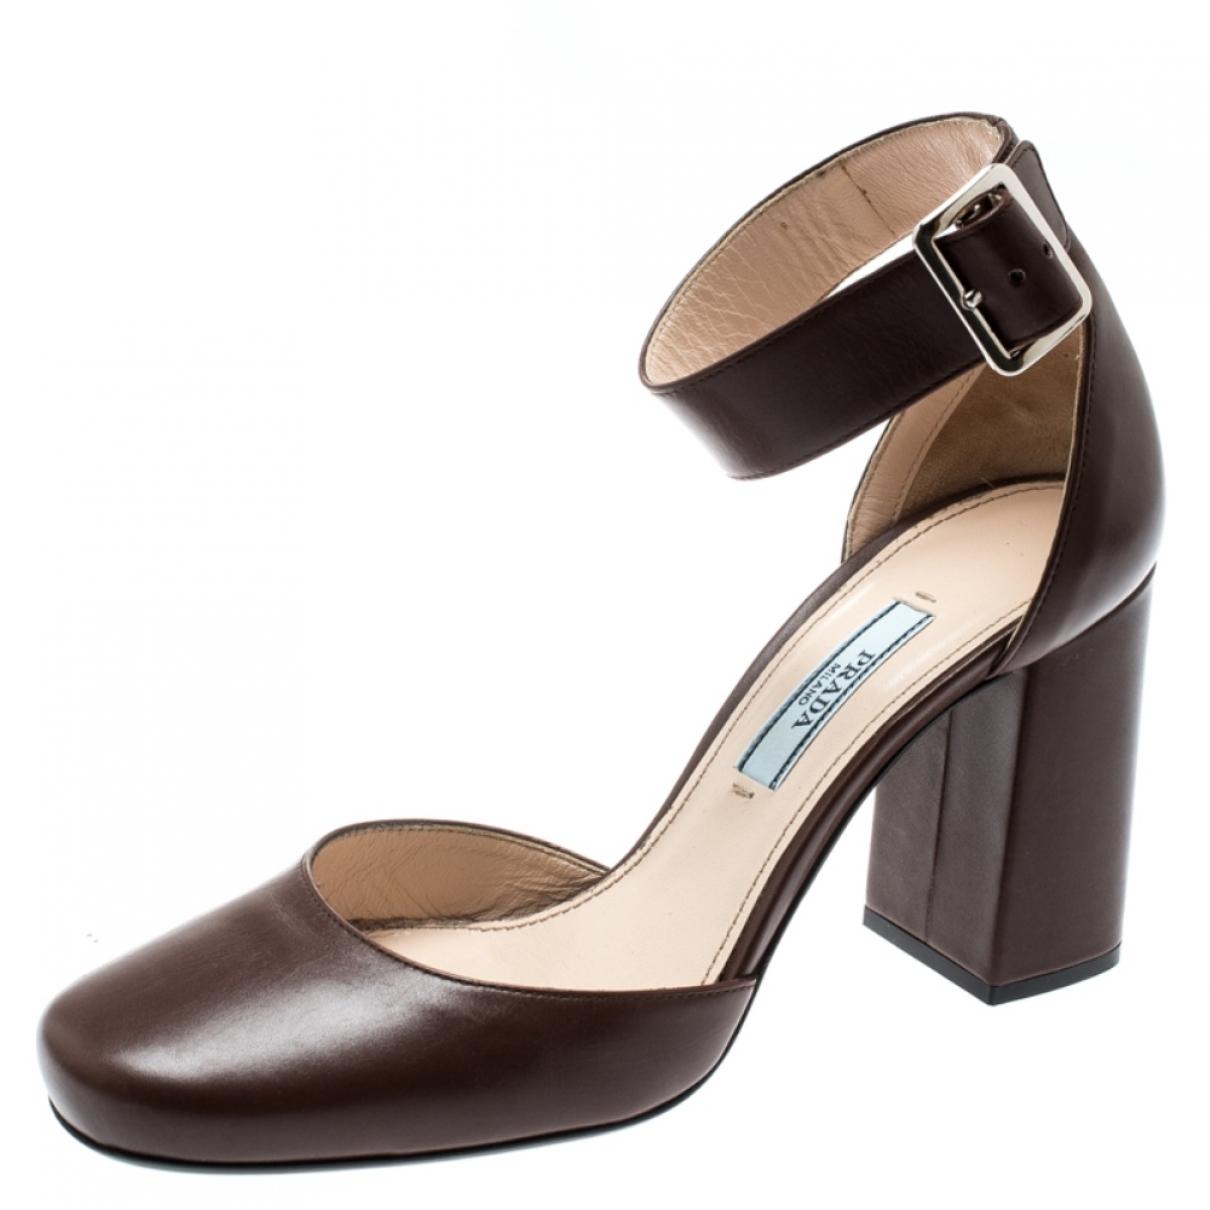 Prada \N Brown Leather Heels for Women 6 US